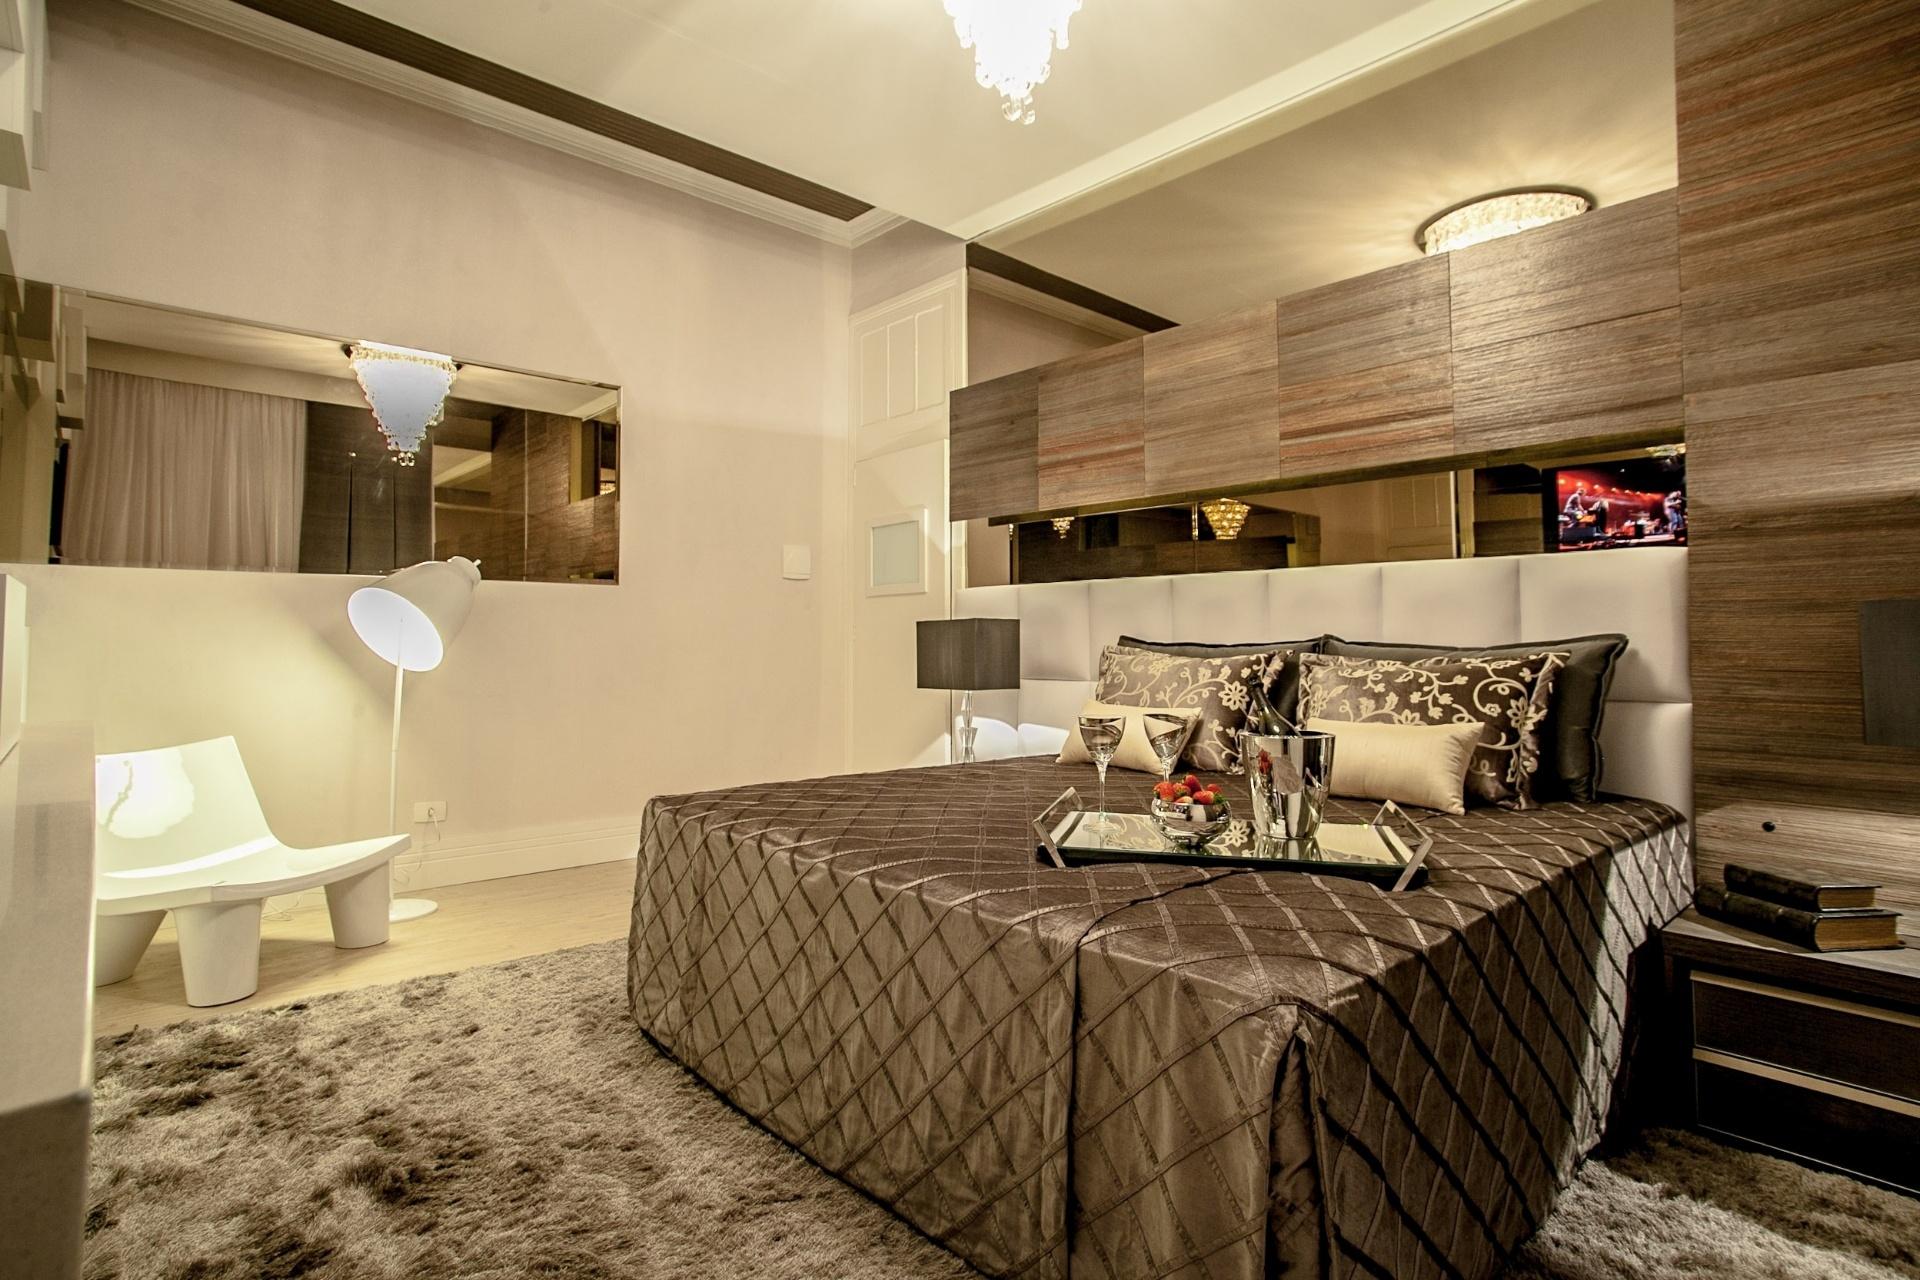 Jeslayne Valente e André Menin projetaram a Suíte do Casal. Ponto-alto do ambiente de 42m² - que engloba a suíte, um closet e um SPA - é a manutenção do forro, das portas e janelas originais do espaço